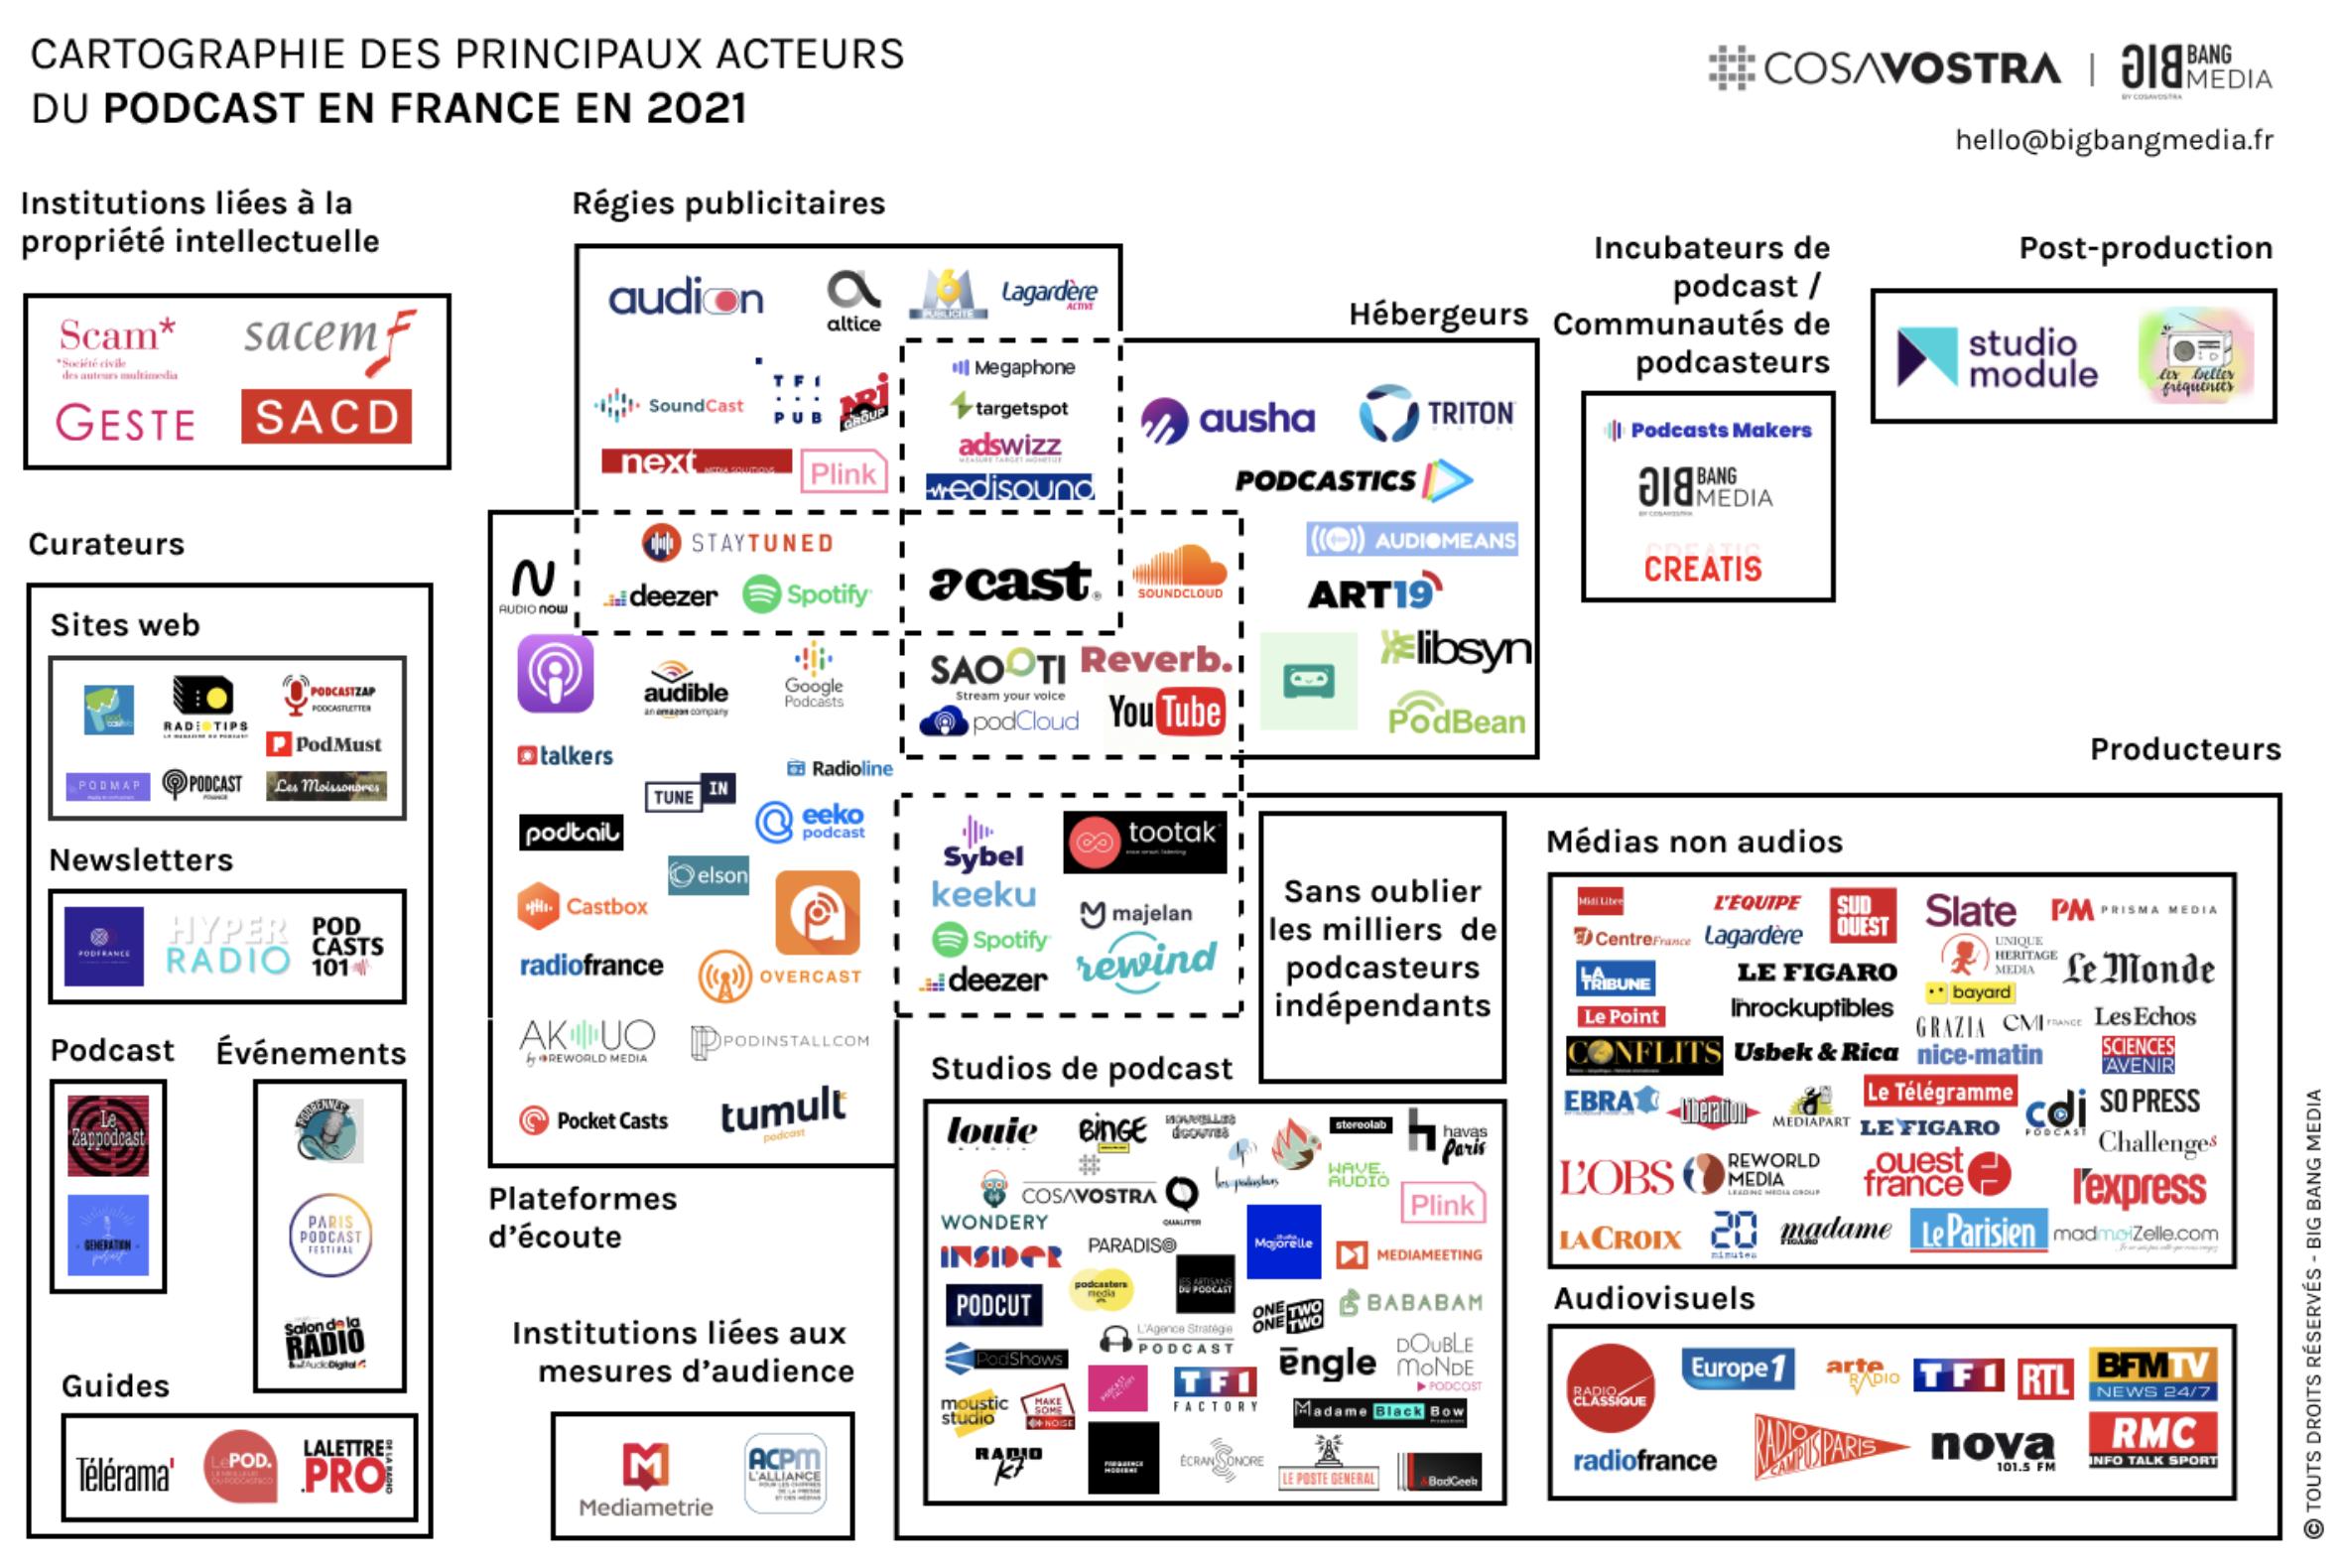 Une nouvelle cartographie du podcast en France